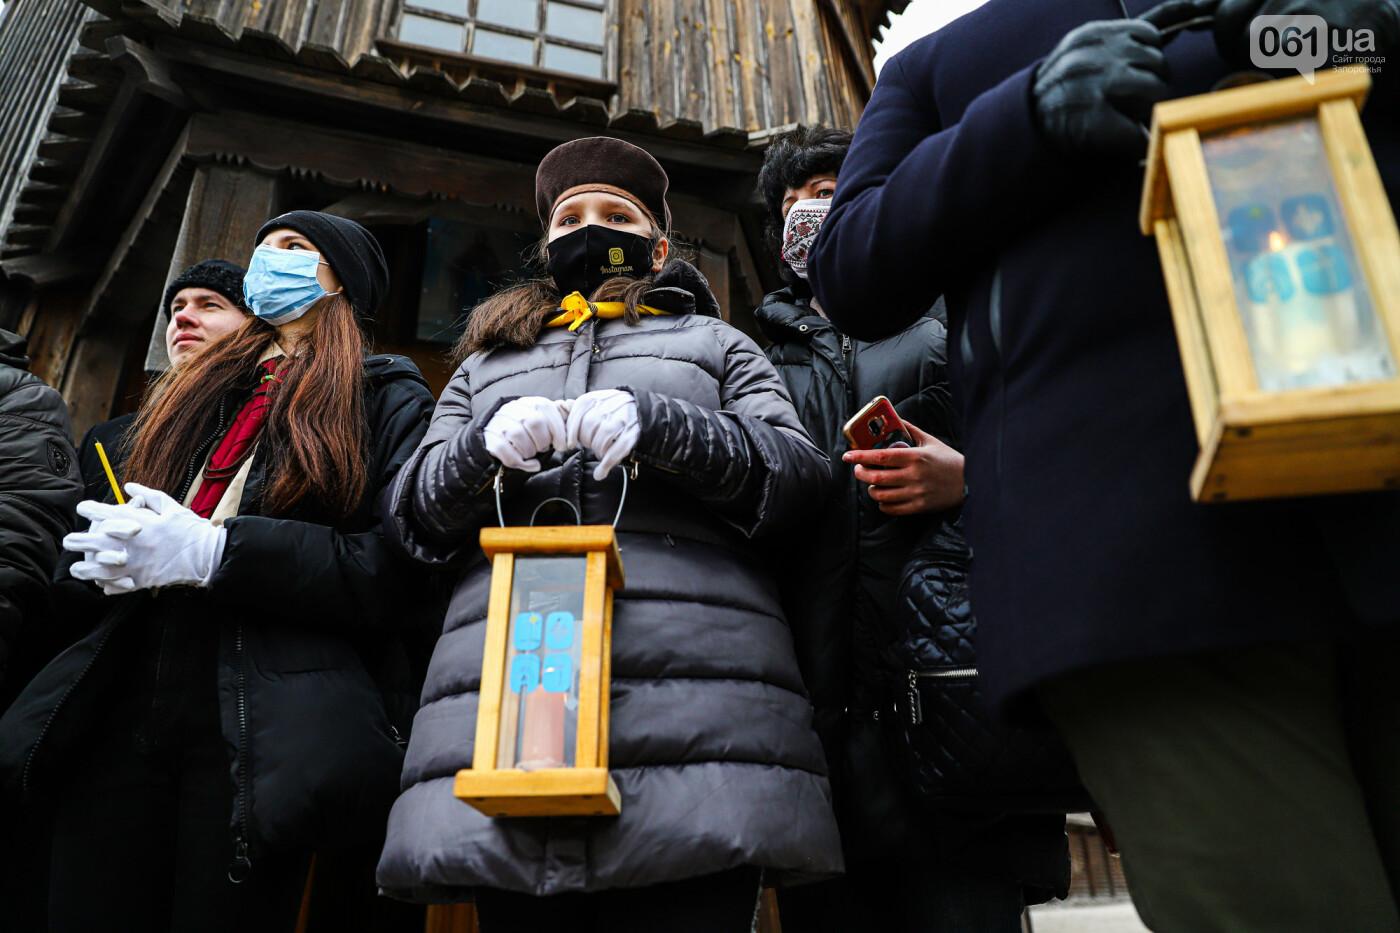 На Хортице скауты передали священникам Вифлеемский огонь, - ФОТОРЕПОРТАЖ, фото-22